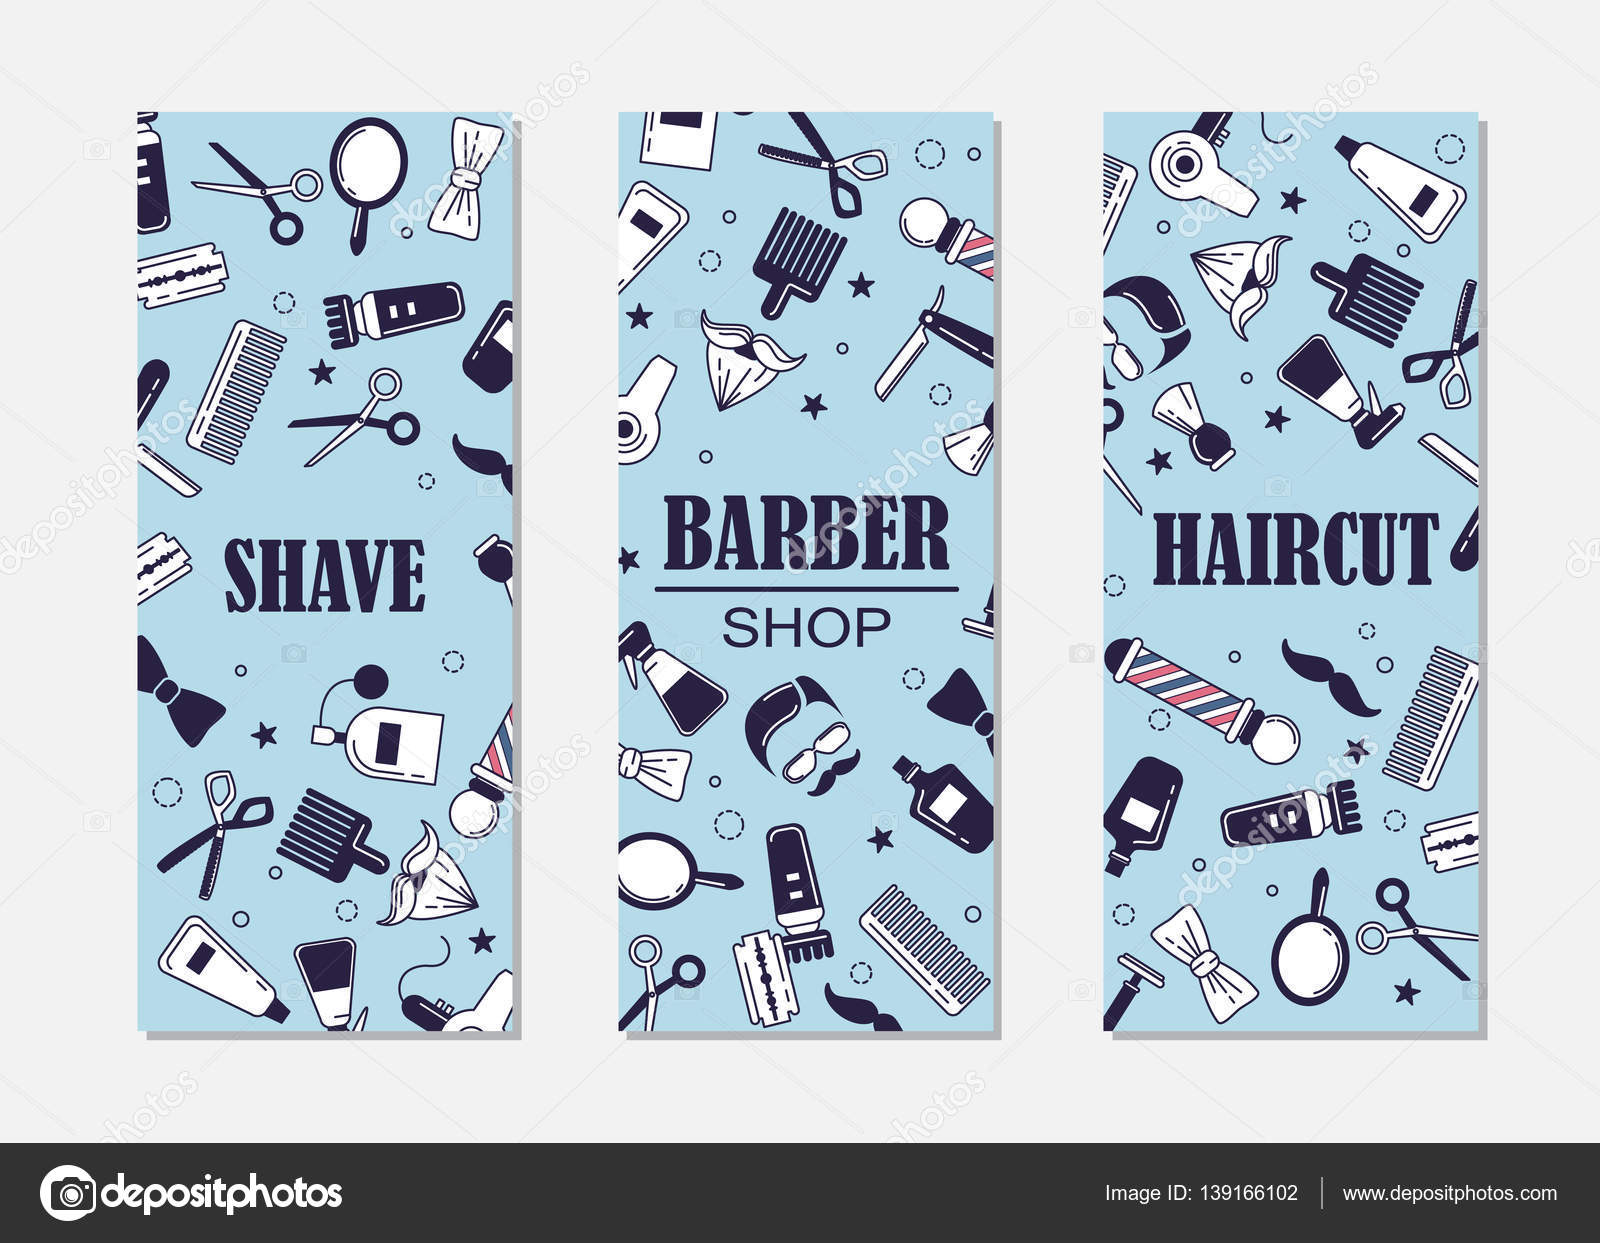 Barber shop banner plantillas — Archivo Imágenes Vectoriales ...